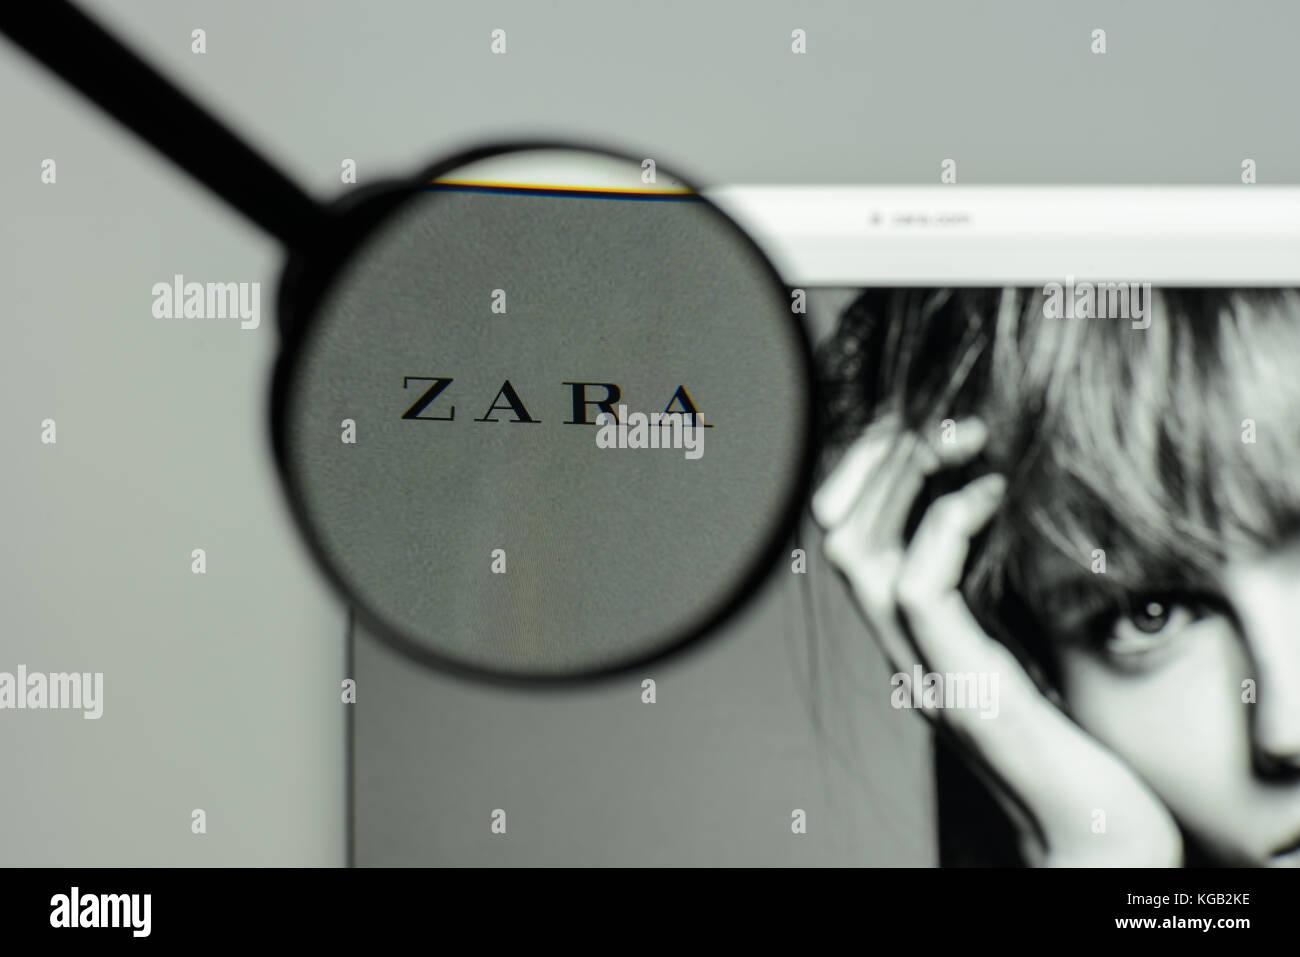 Zara Home Stock Photos & Zara Home Stock Images